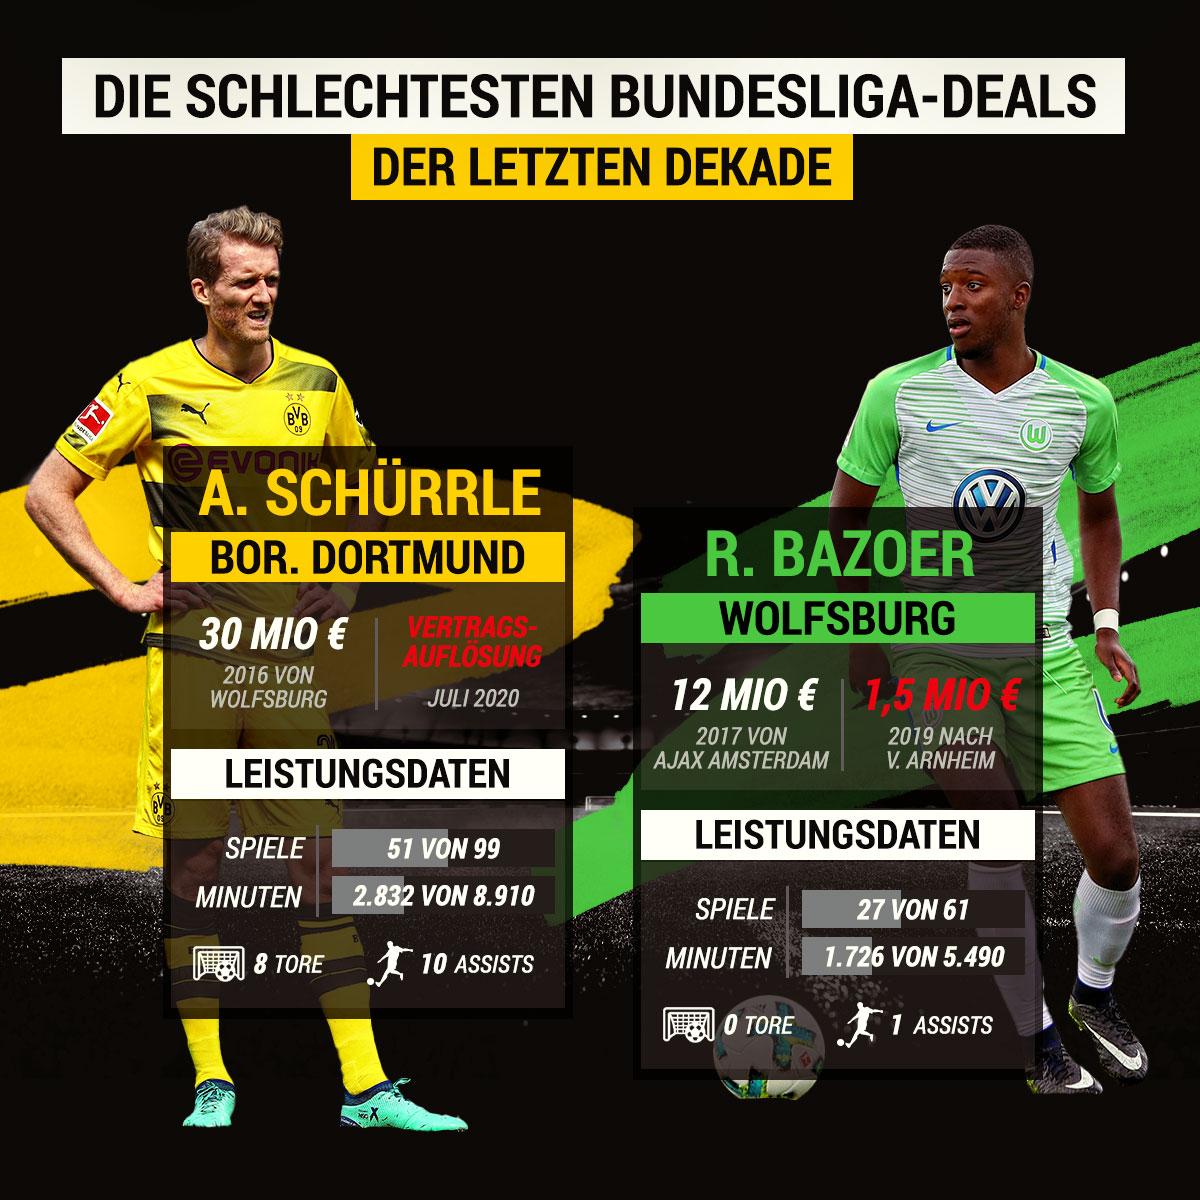 Die schlechtesten Transfer-Deals